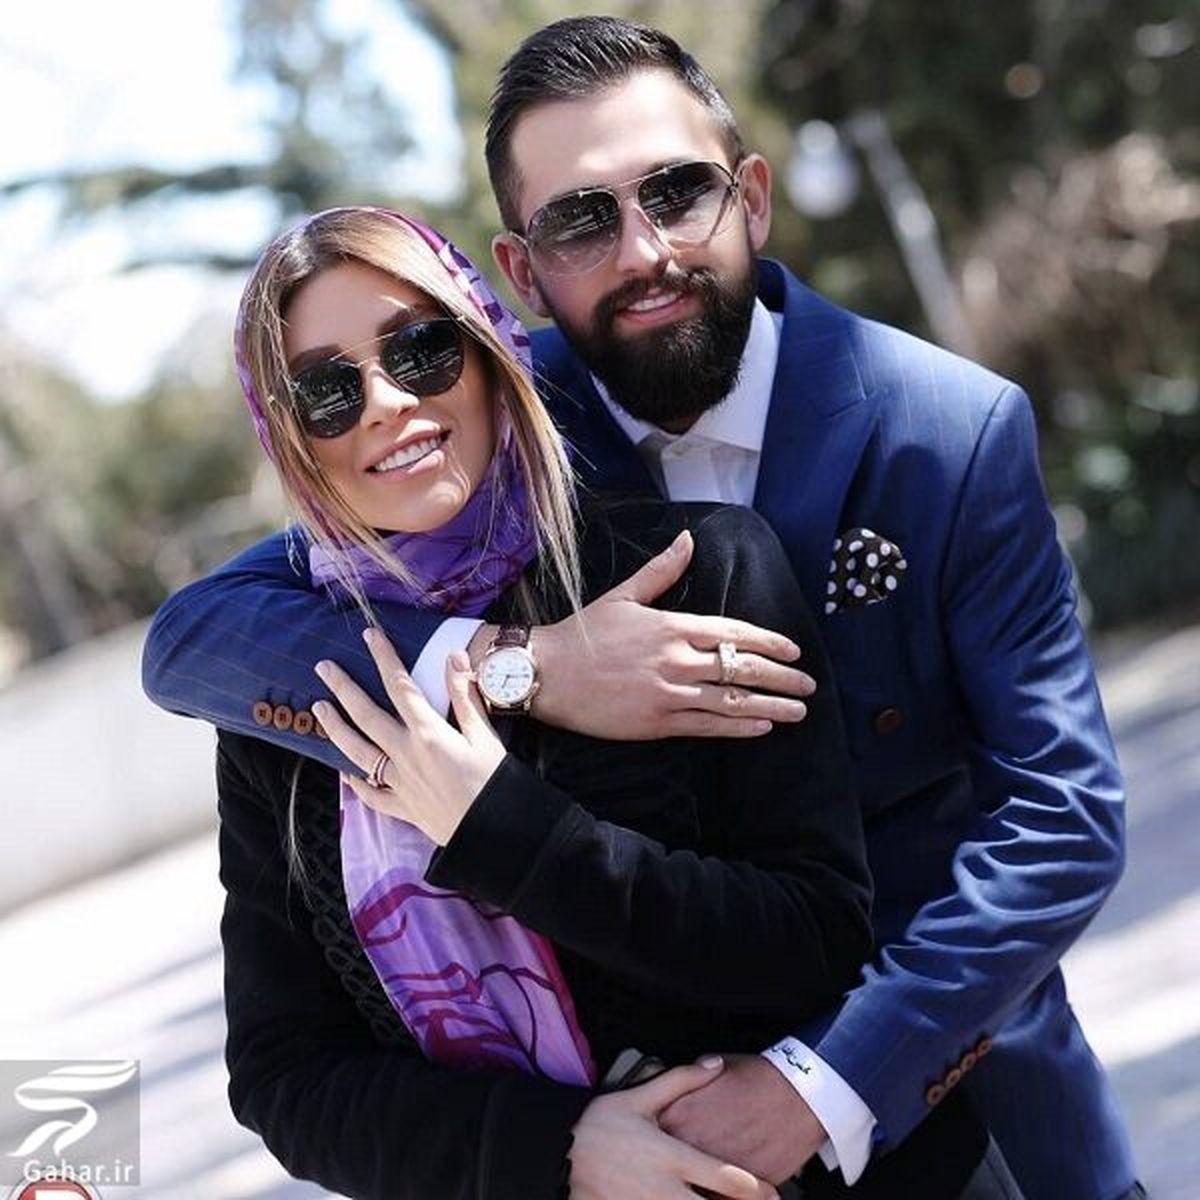 محسن افشانی|دعوای محسن افشانی و همسرش به جای باریک کشیده شد/بازیگر پرحاشیه سویل را به جنگ طلبید+عکس